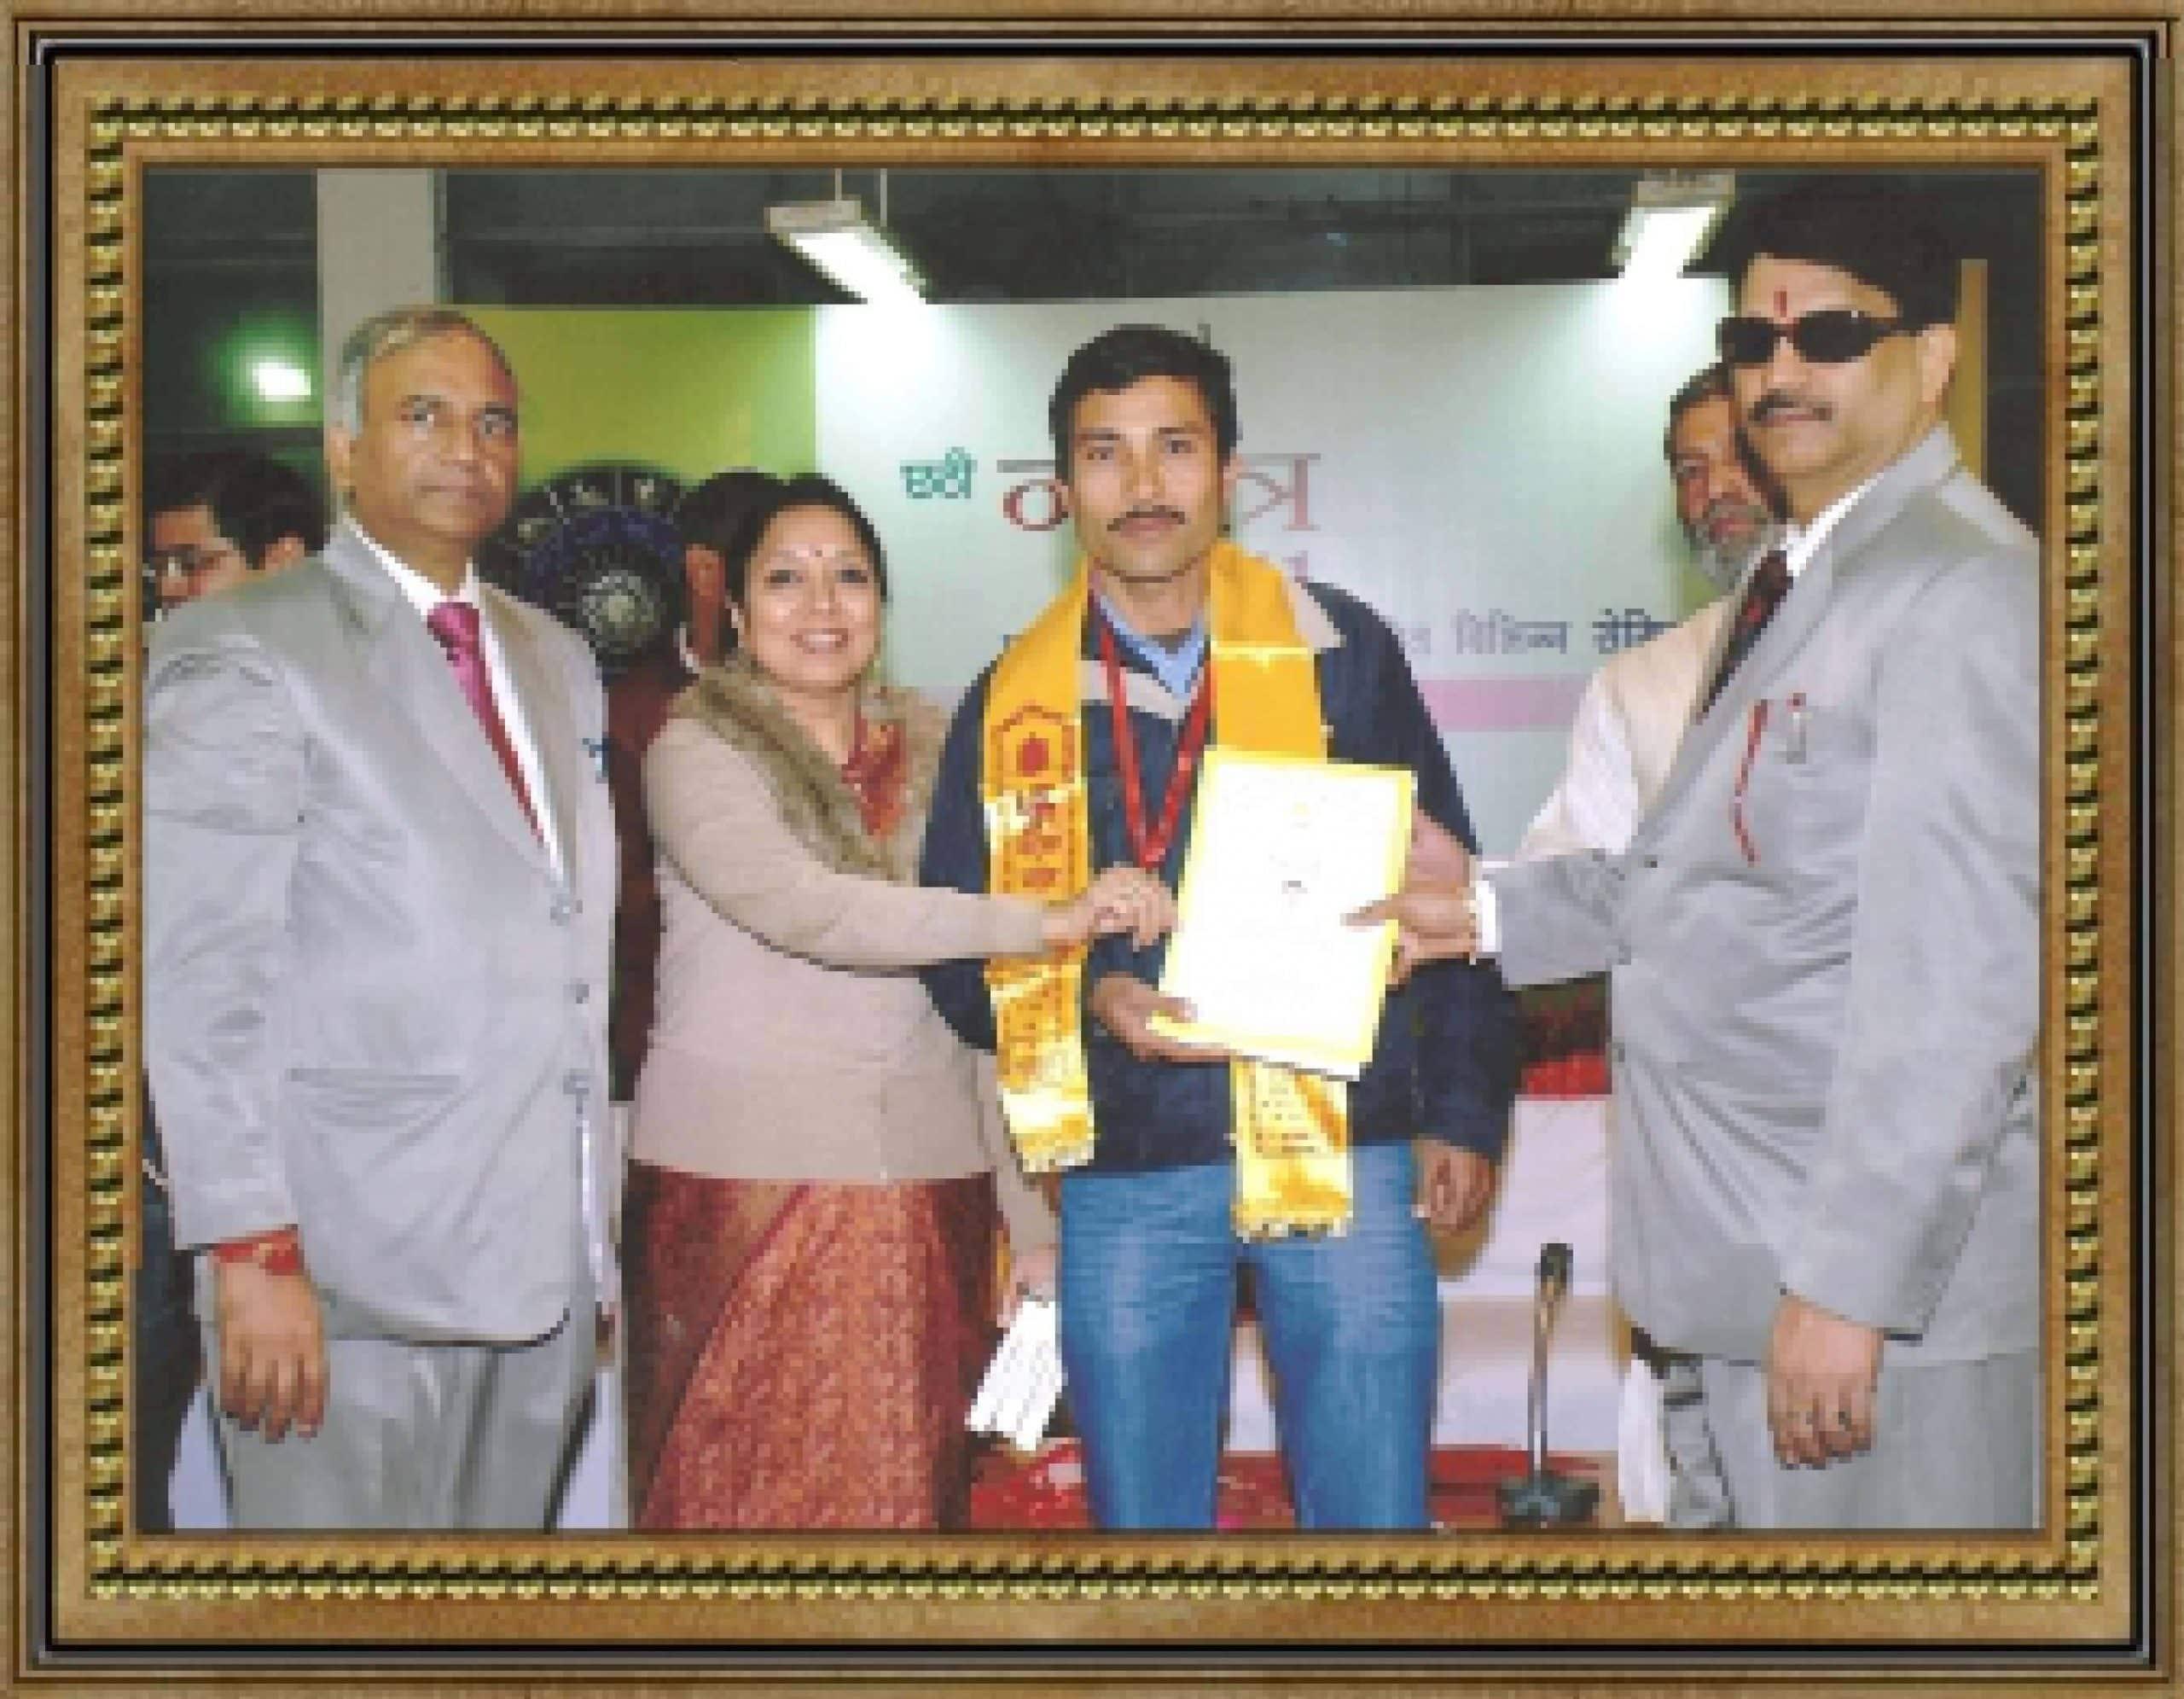 Jyotish Shastracharya and Jyotish Rishi Award